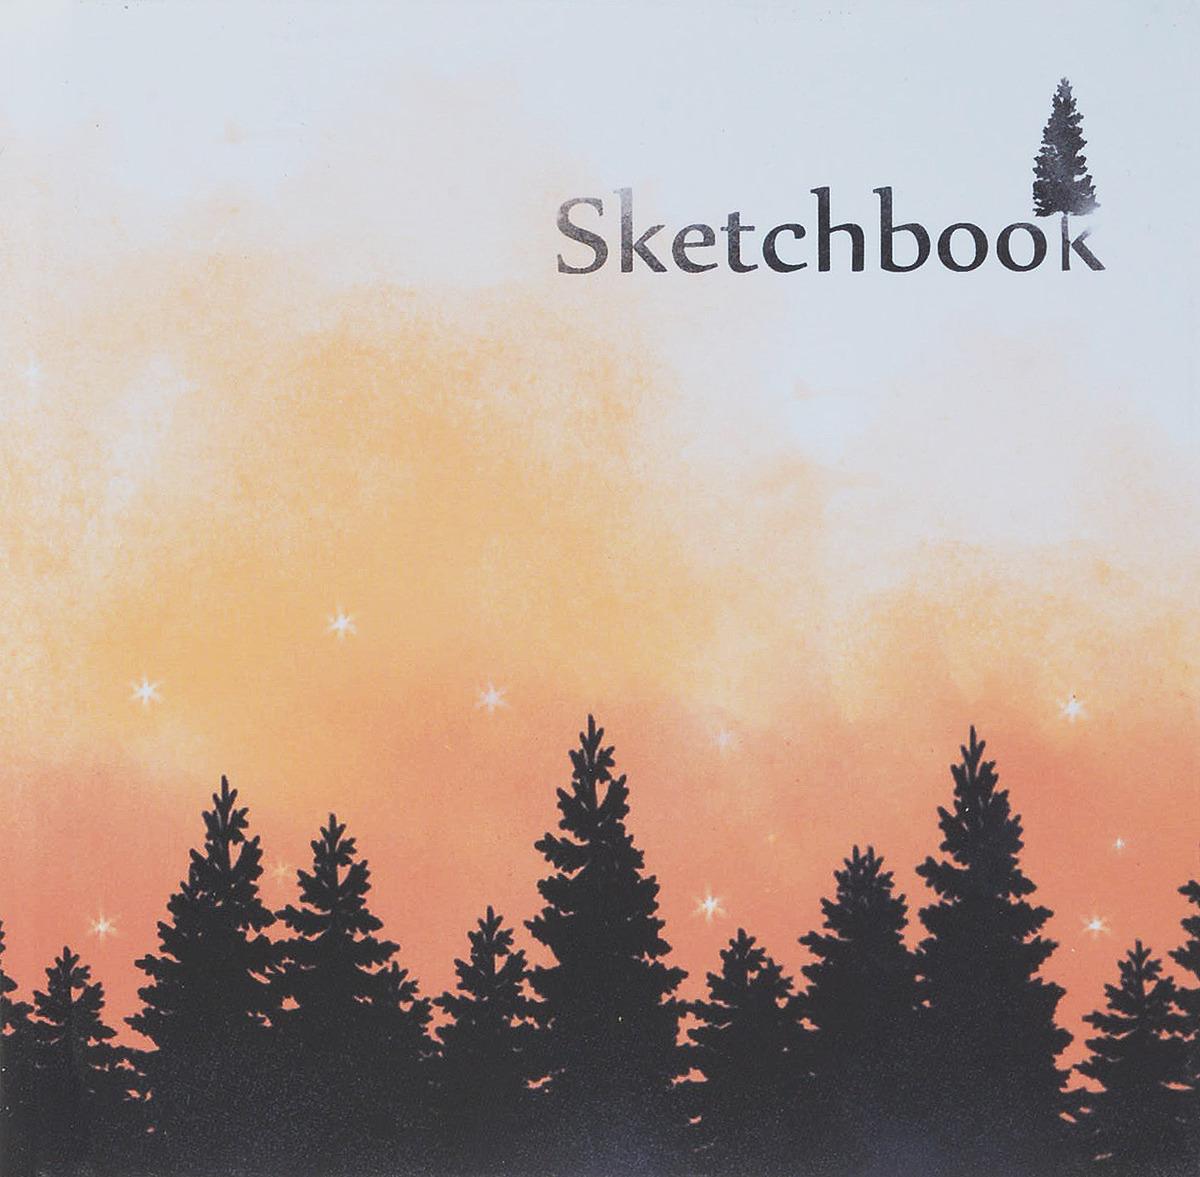 Скетчбук Miland Горы, 15 x 15 см, 80 листов